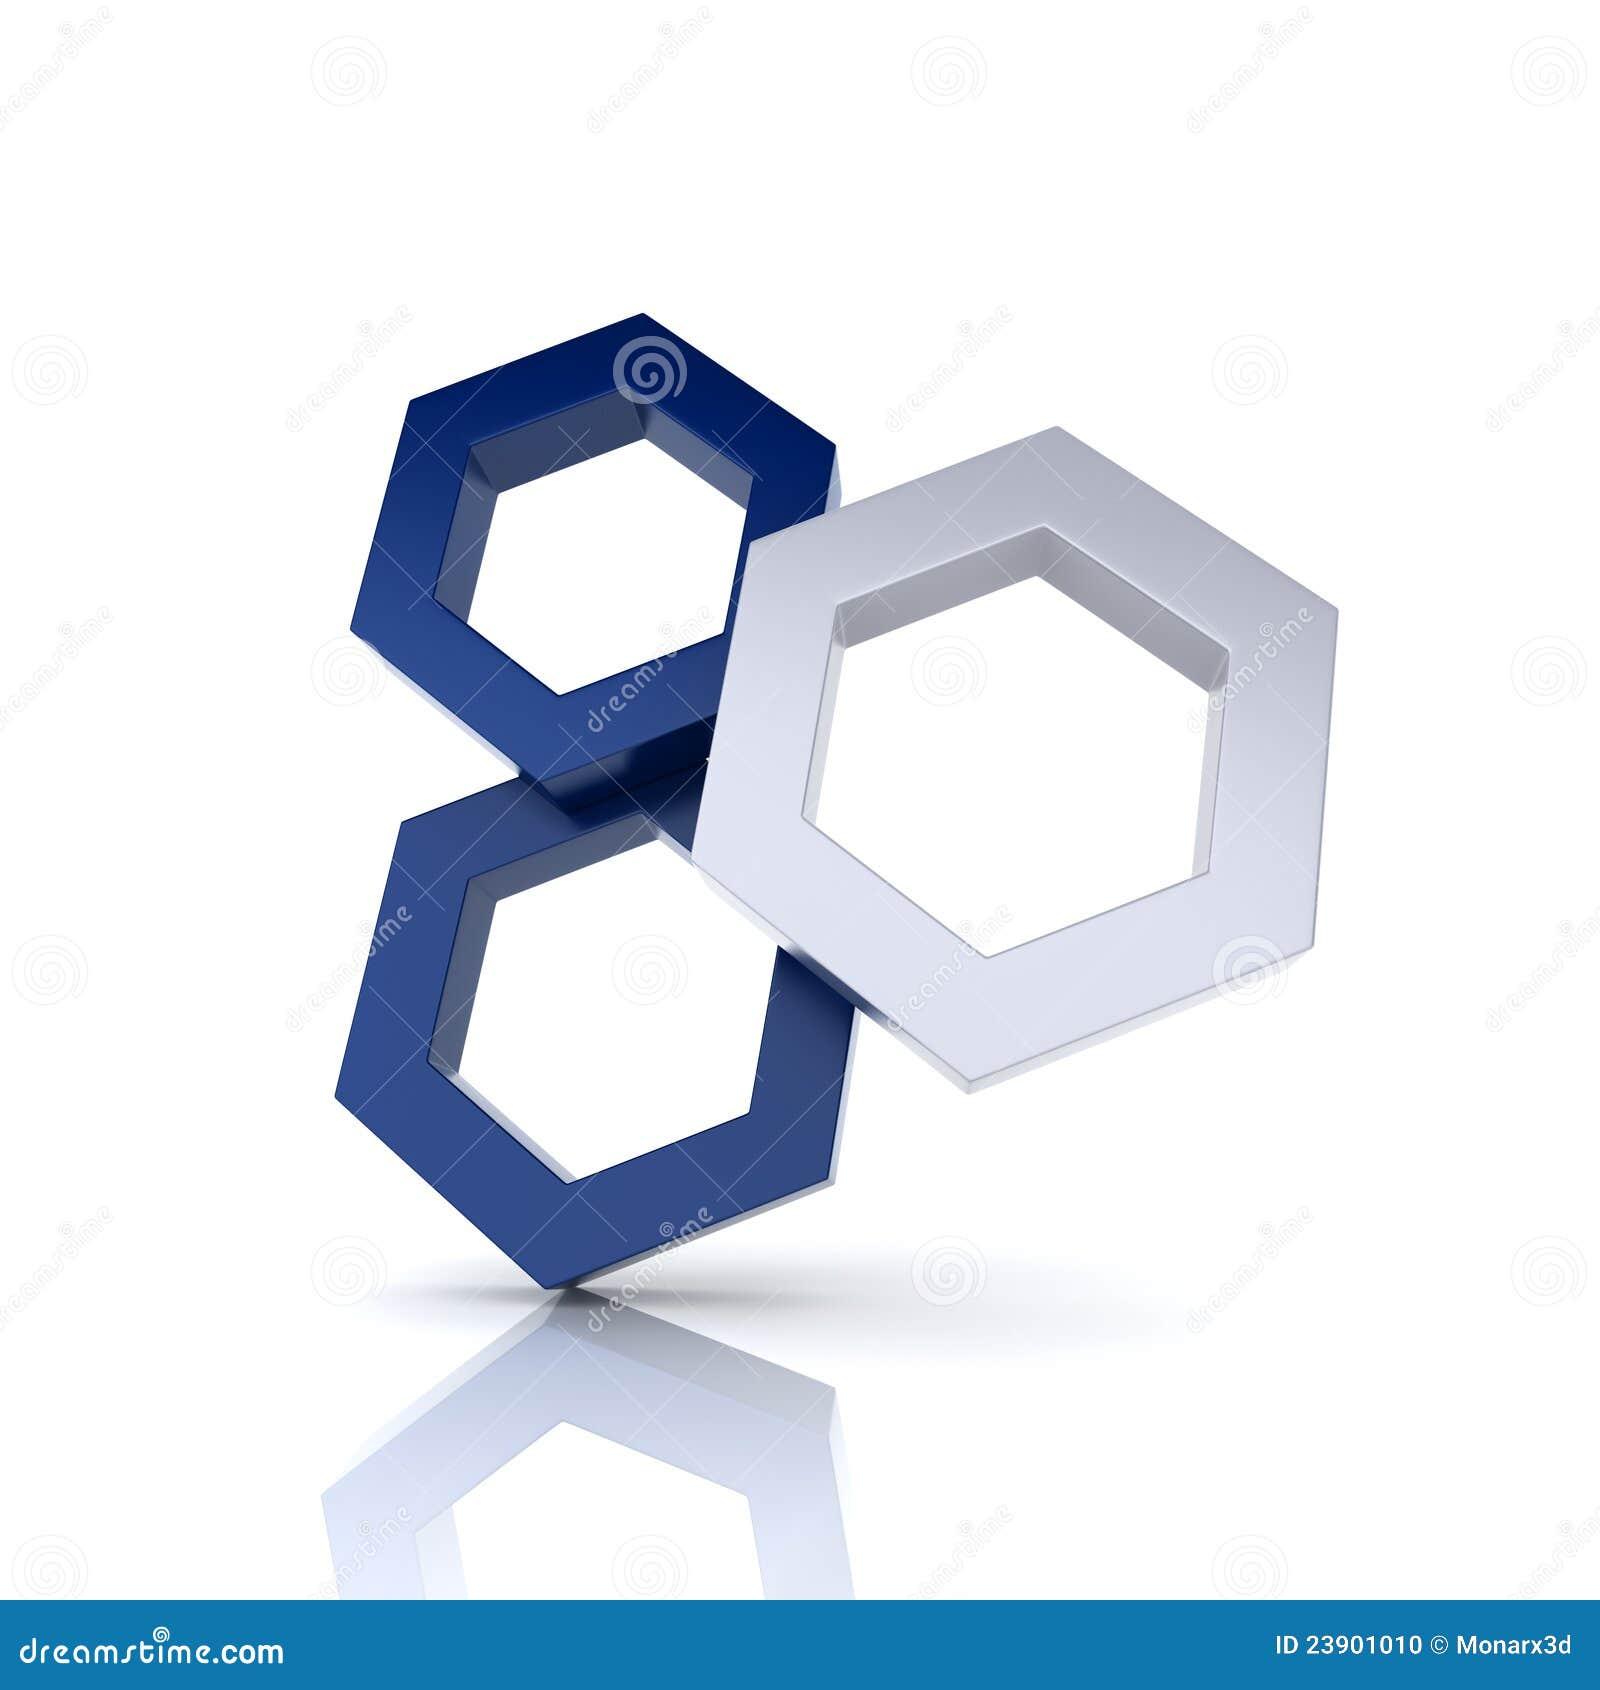 Уникальность 3 шестиугольника